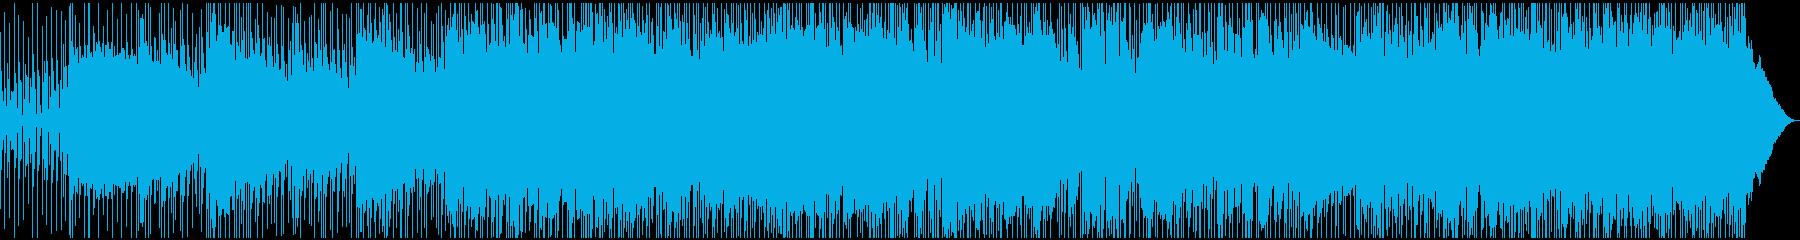 エレキとサックスが印象的なポップ・ロックの再生済みの波形